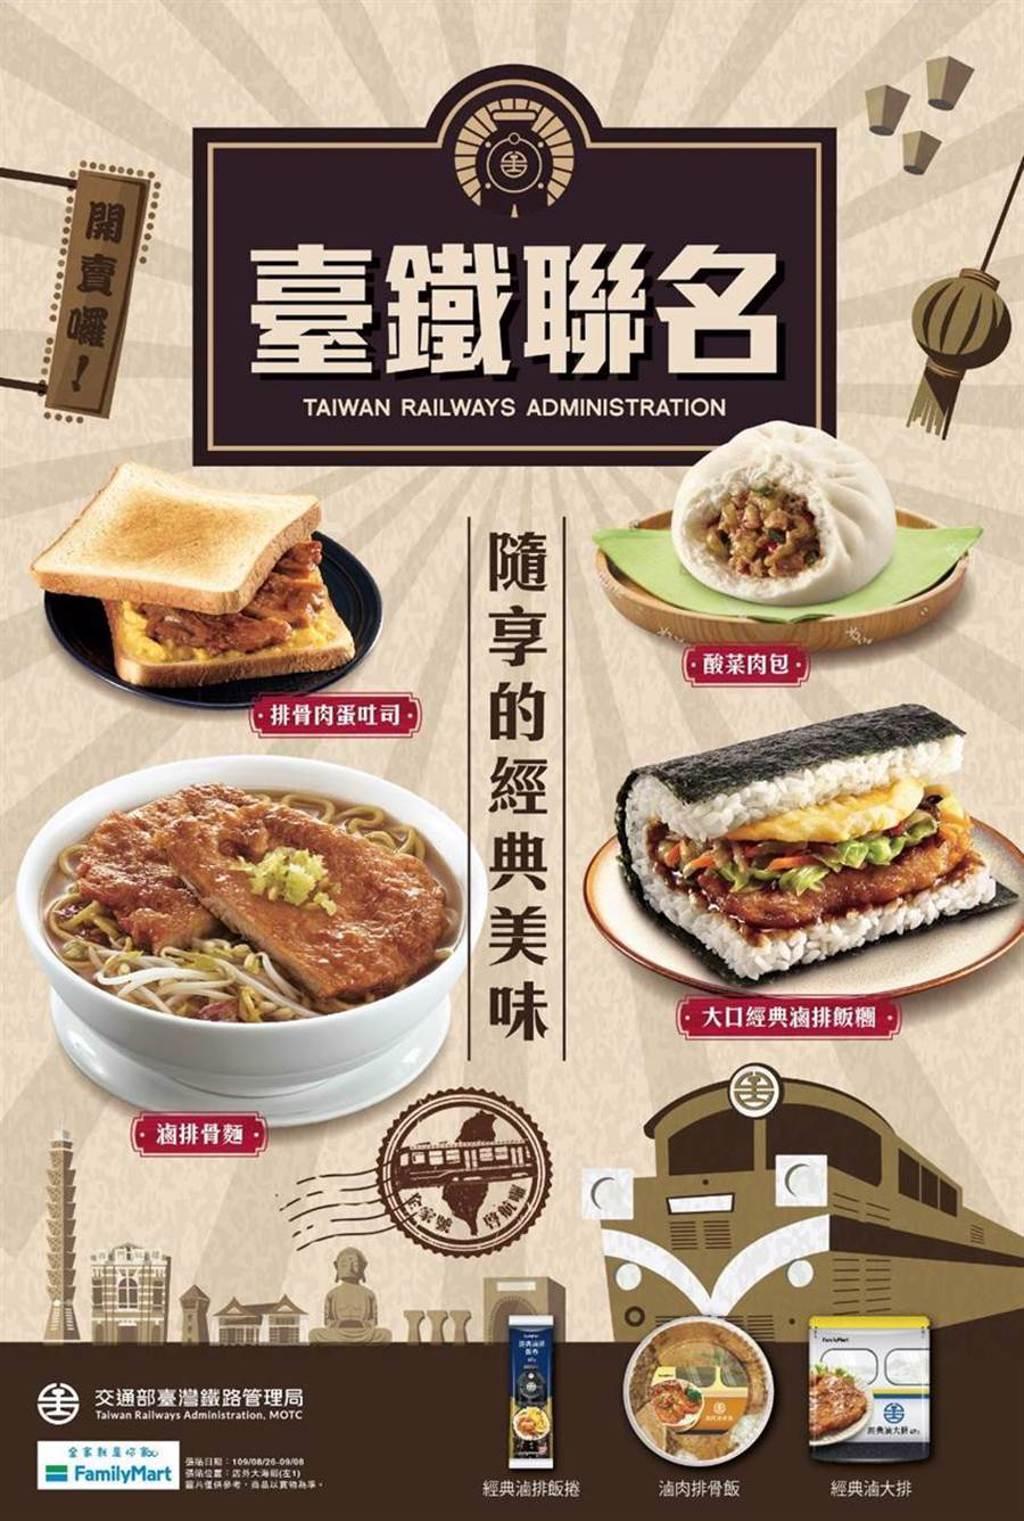 台鐵局攜手全家便利商店,8月26日起再加碼推出4款新品鮮食。(圖/台鐵局提供)